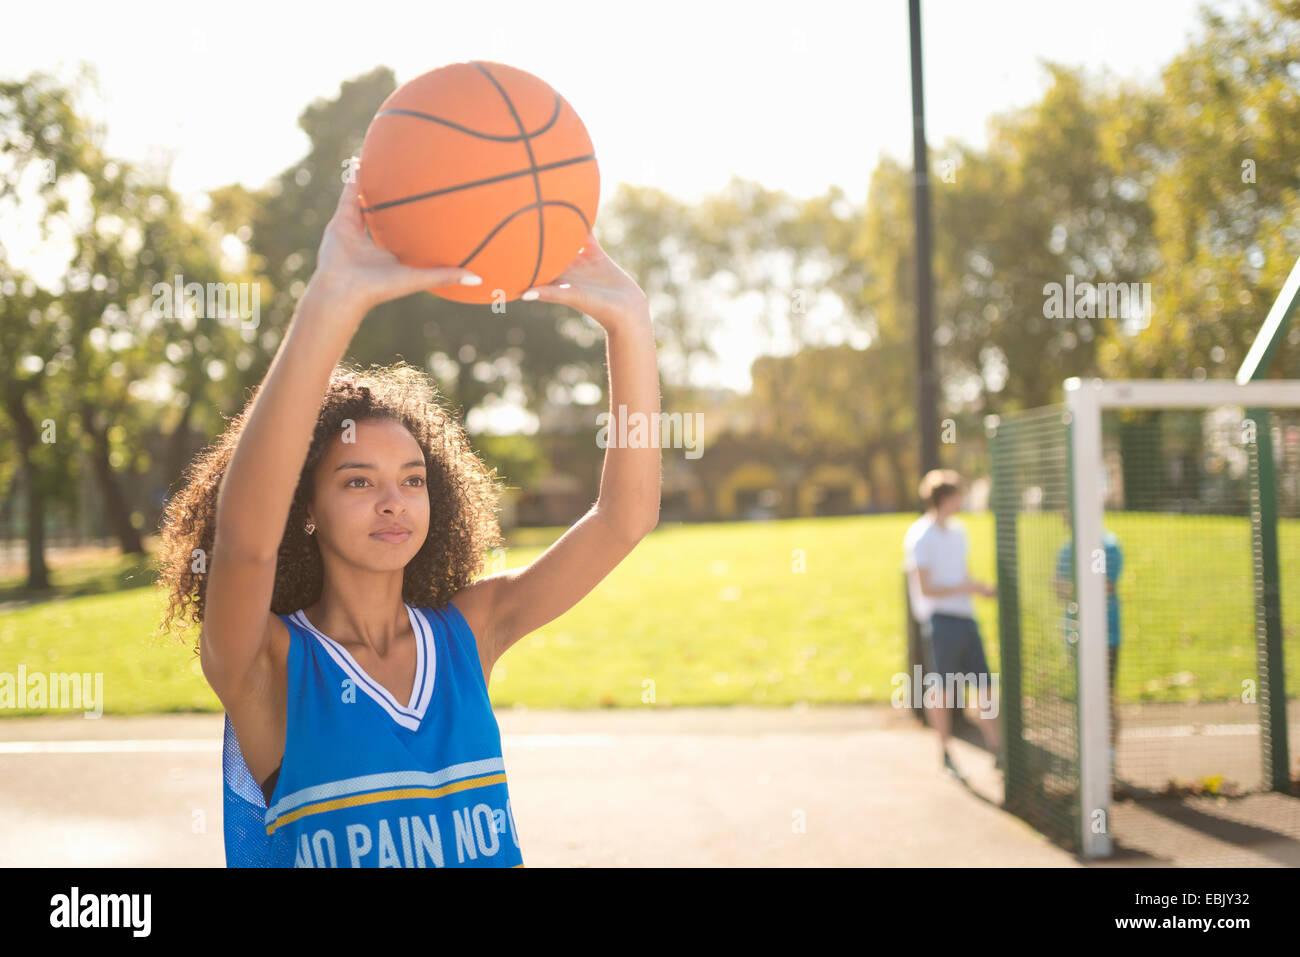 Junge weibliche Basketballspieler hochhalten basketball Stockbild